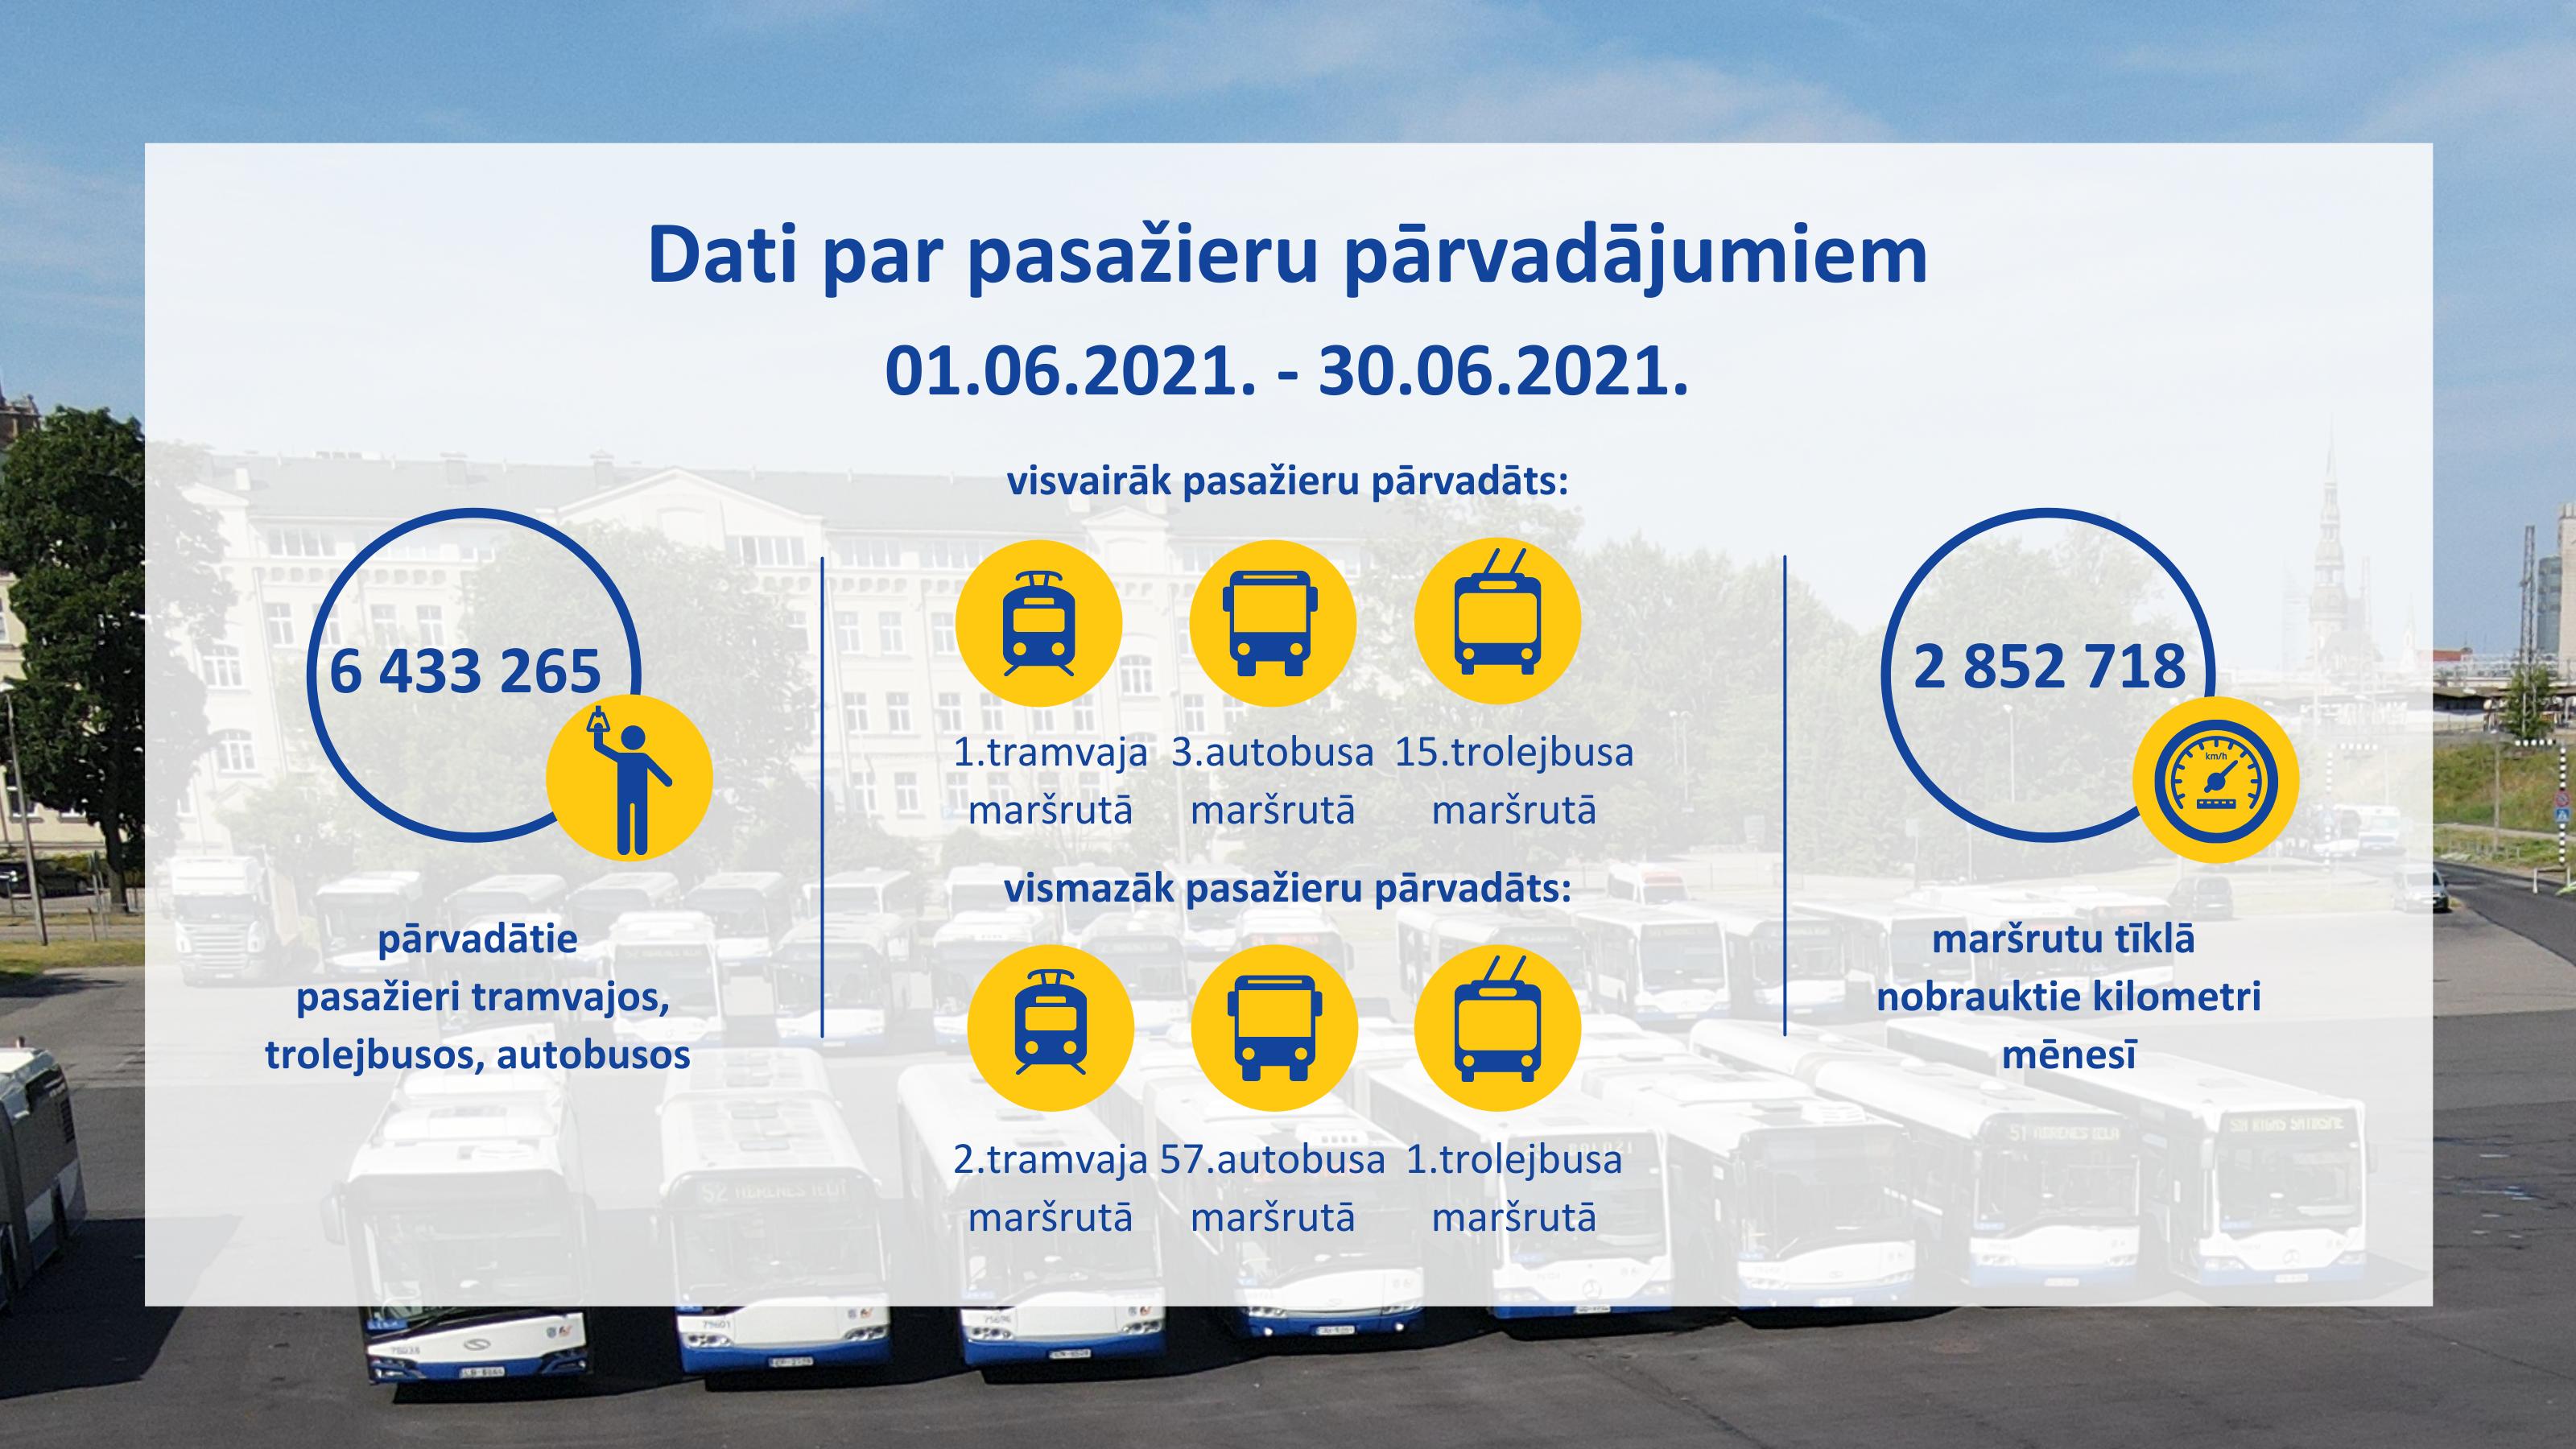 Mēneša statistika par pasažieru pārvadājumiem.png